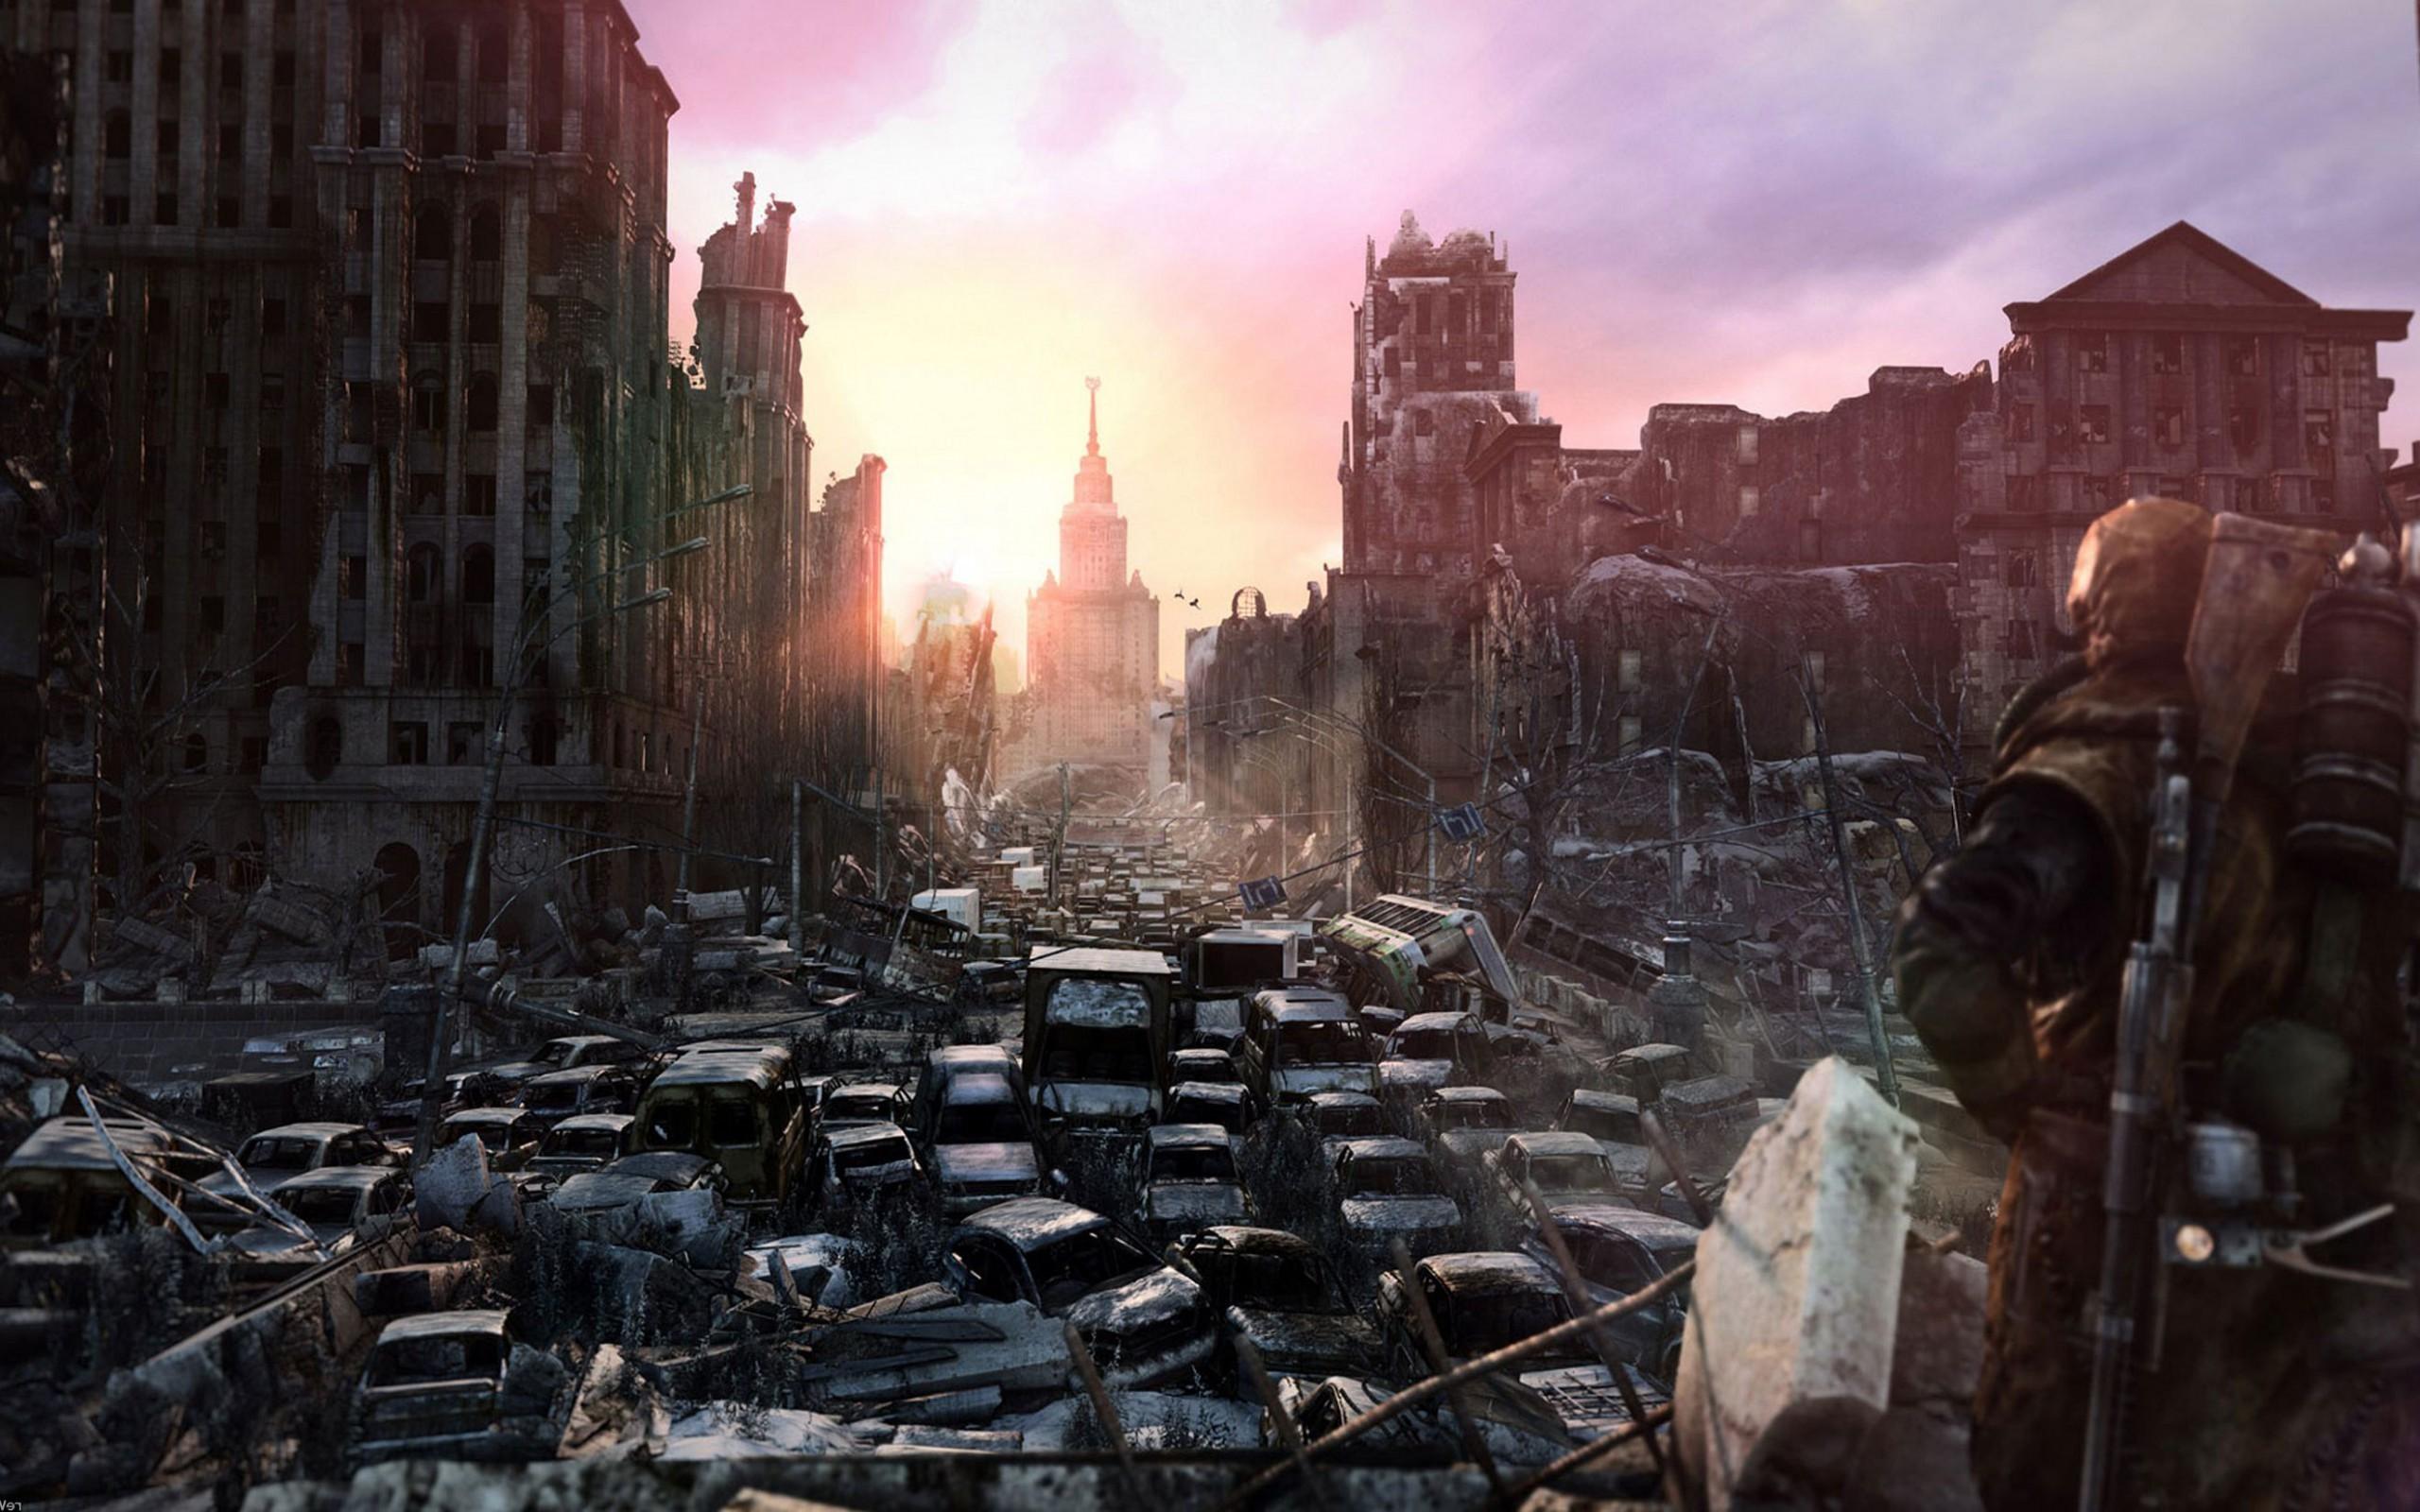 Best 52 Dystopian Desktop Backgrounds on HipWallpaper Dystopian 2560x1600